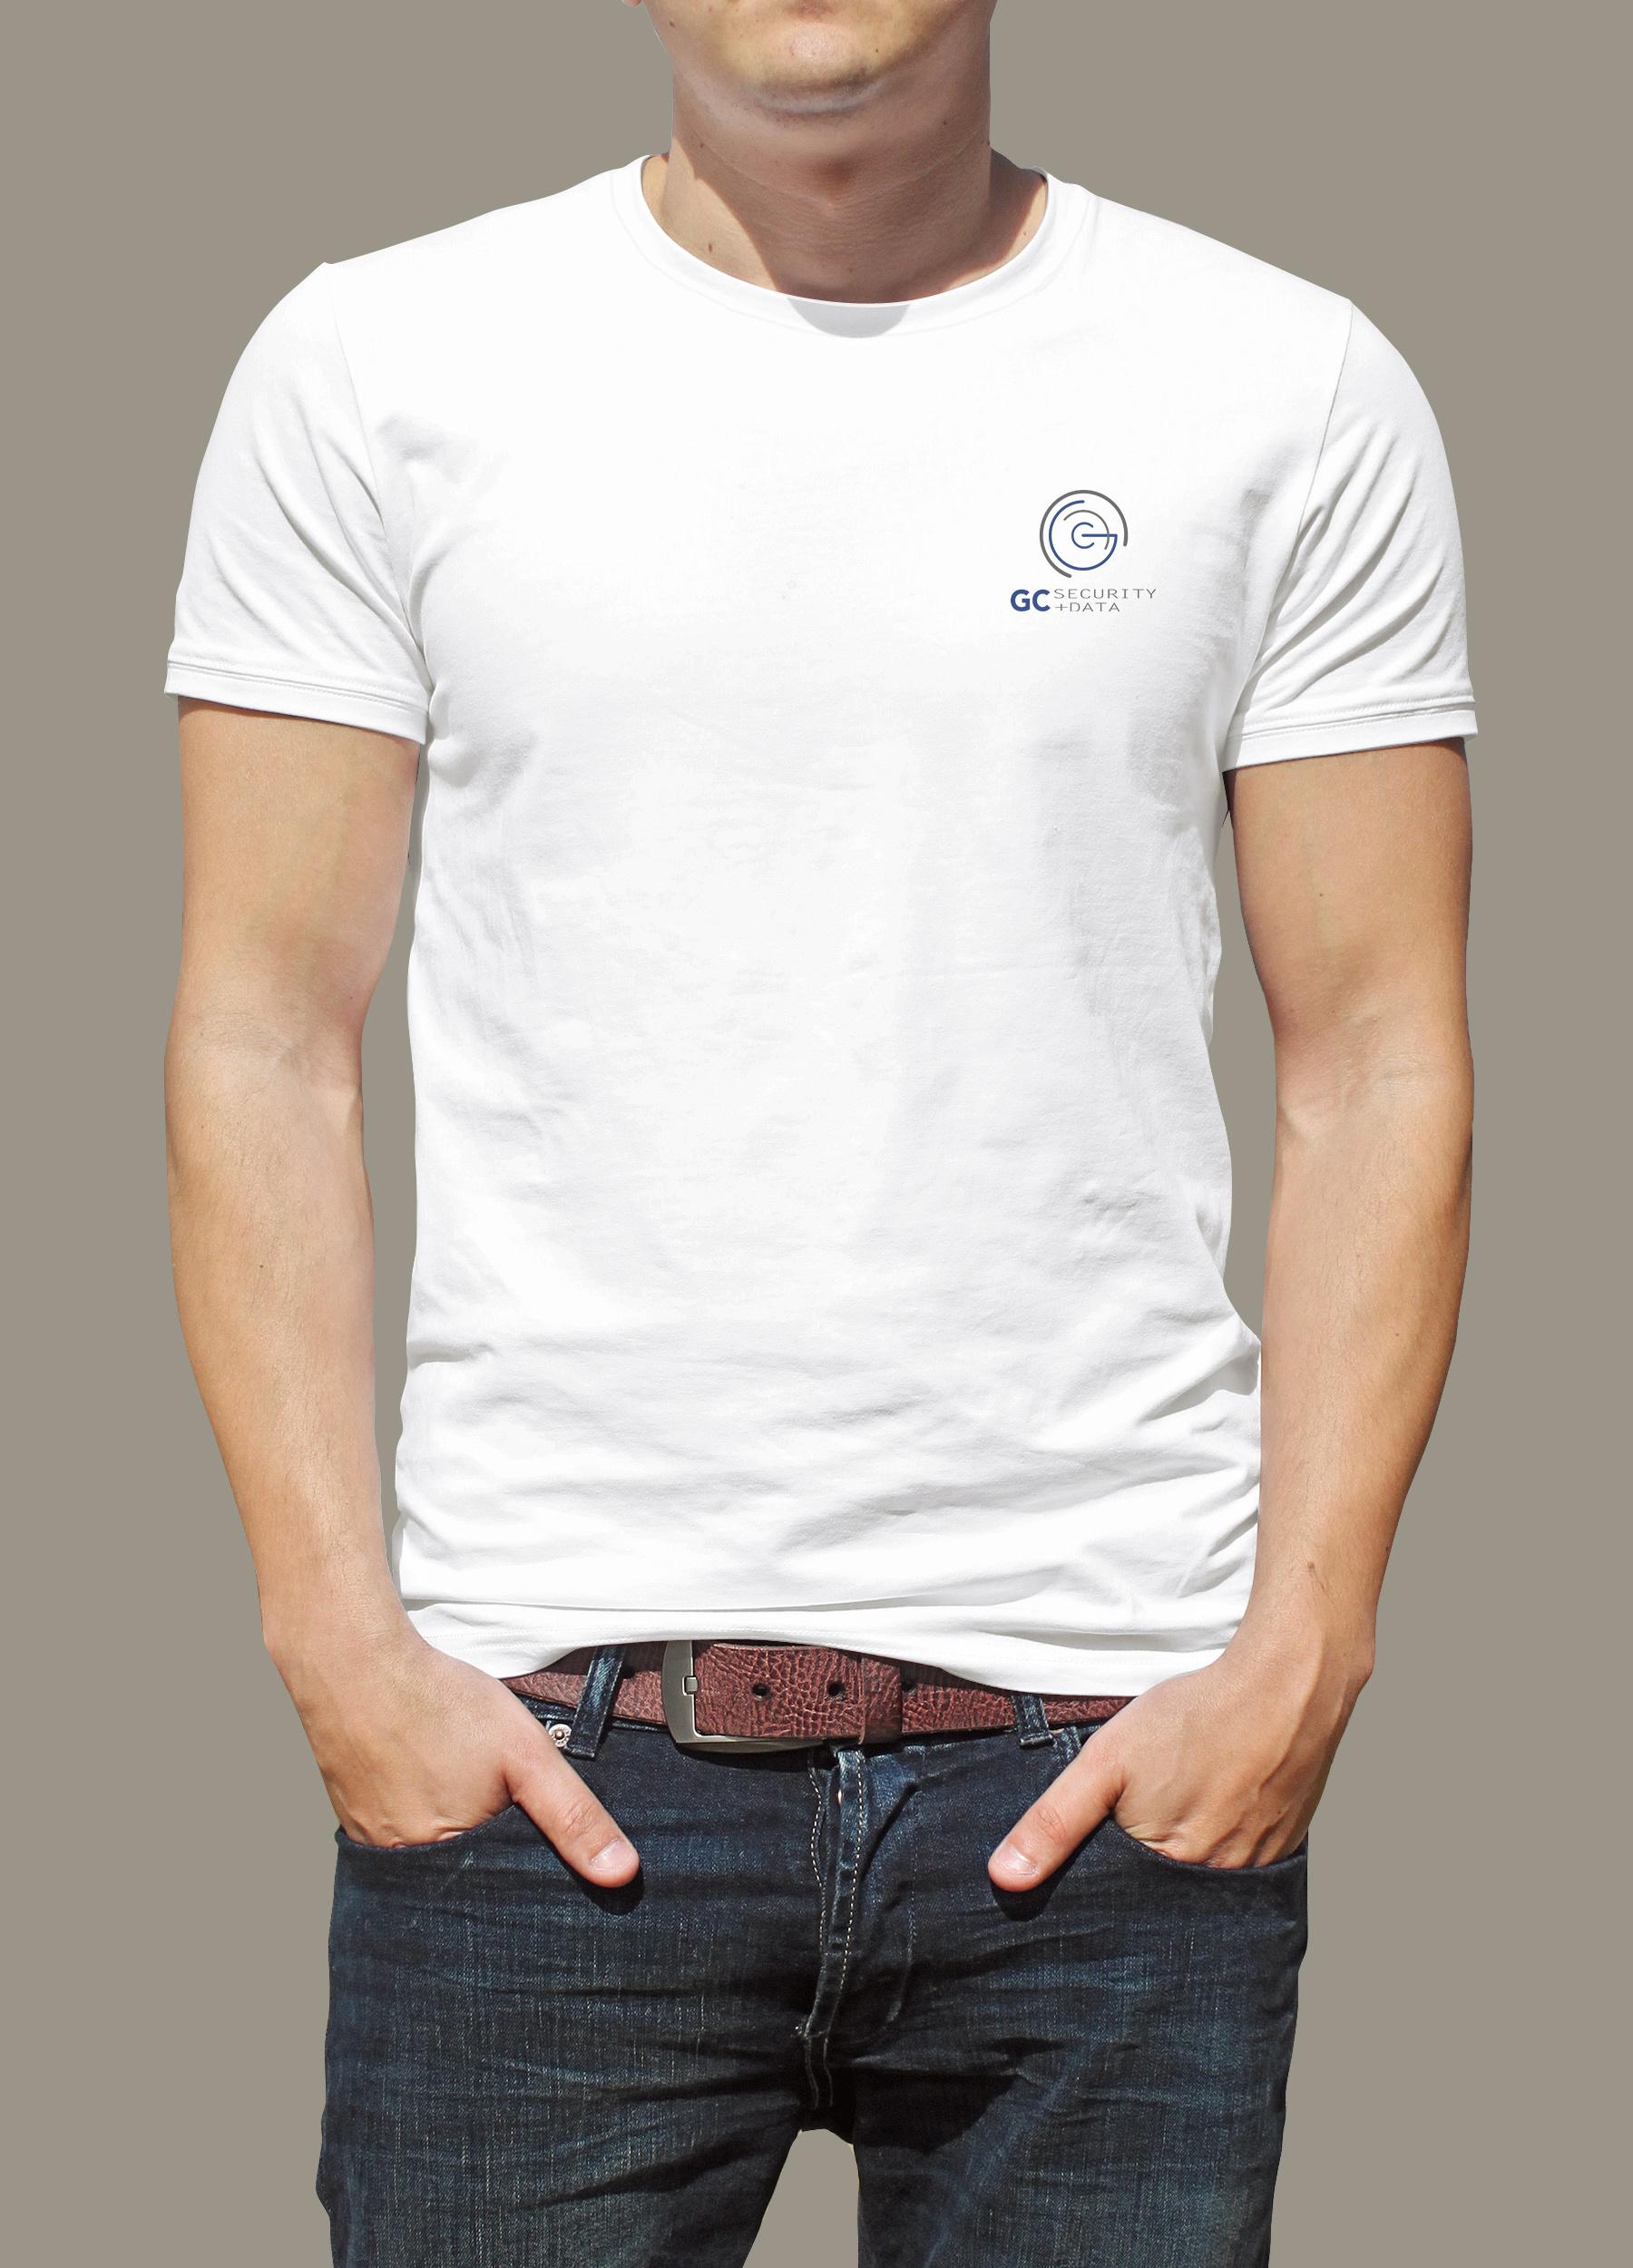 GC Security & Data | T-Shirt Design